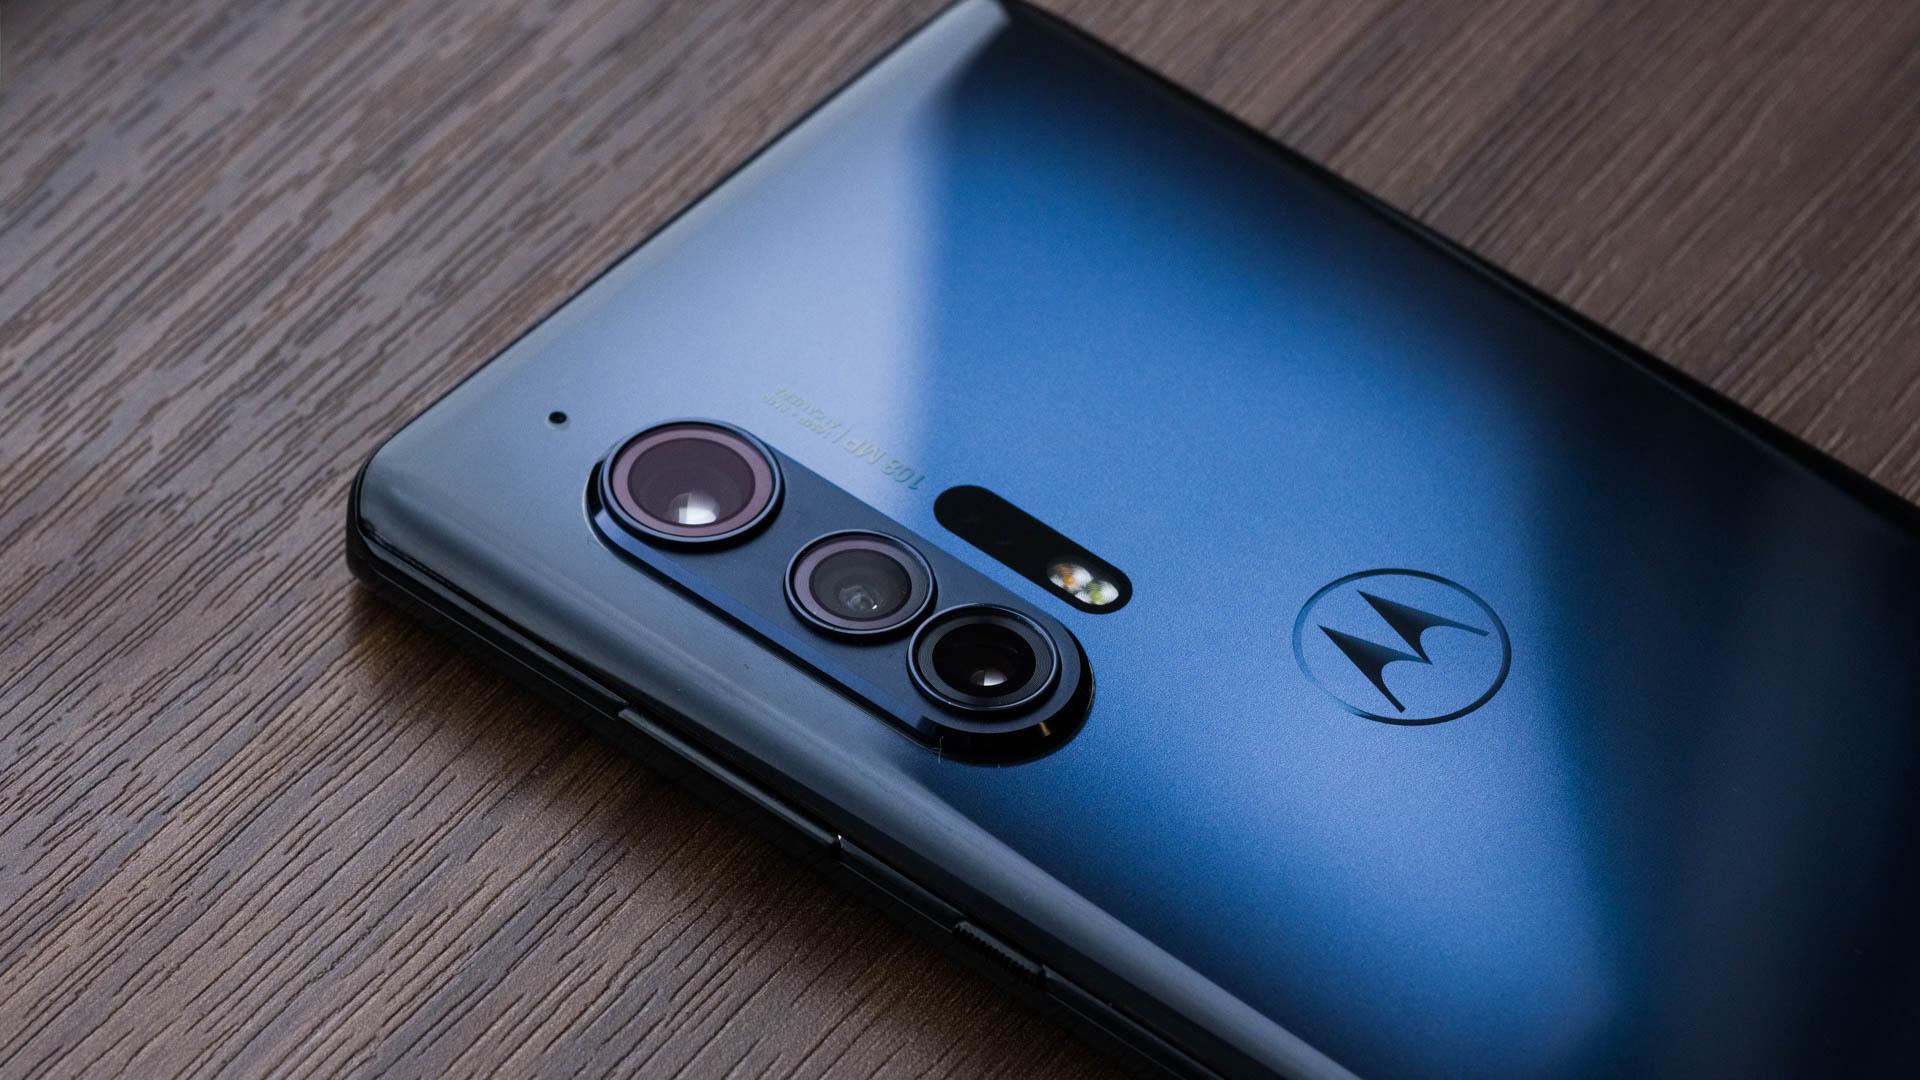 Motorola quay trở lại cuộc đua smartphone cao cấp với Edge Plus giá 1.000 USD